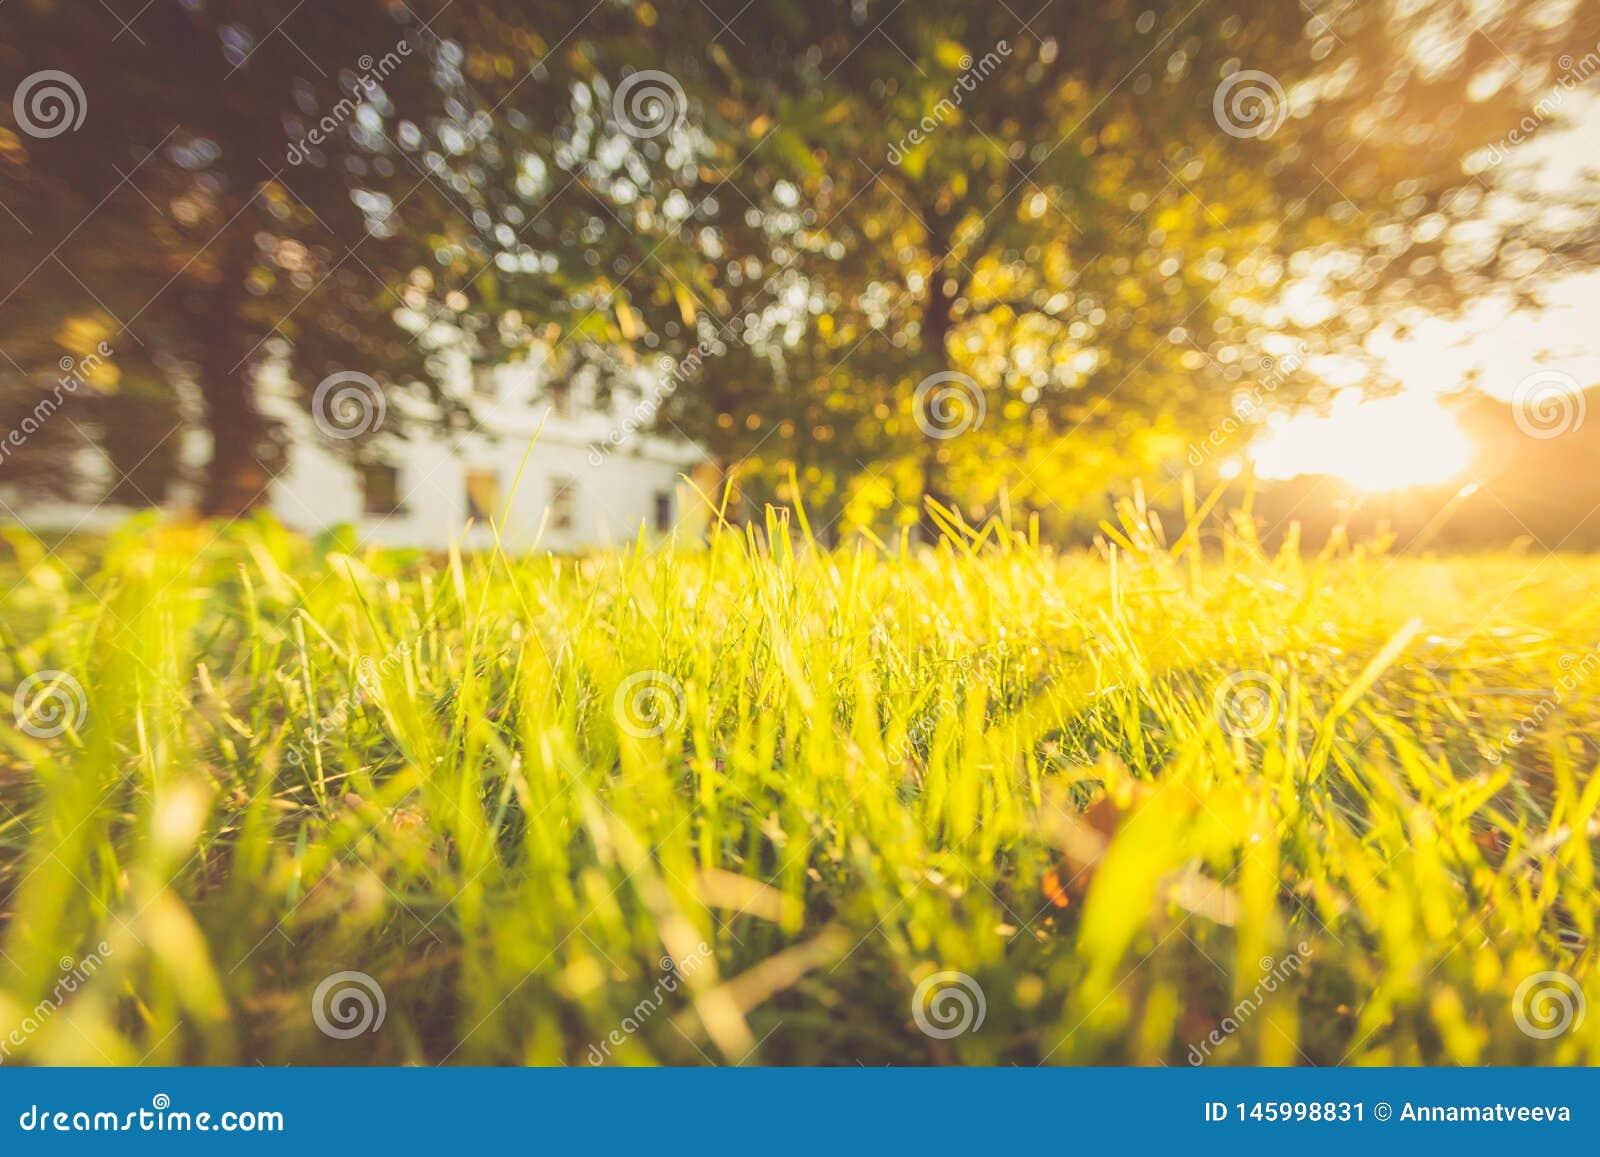 Summer, grass, sunlight, bokeh, abstract landscape image